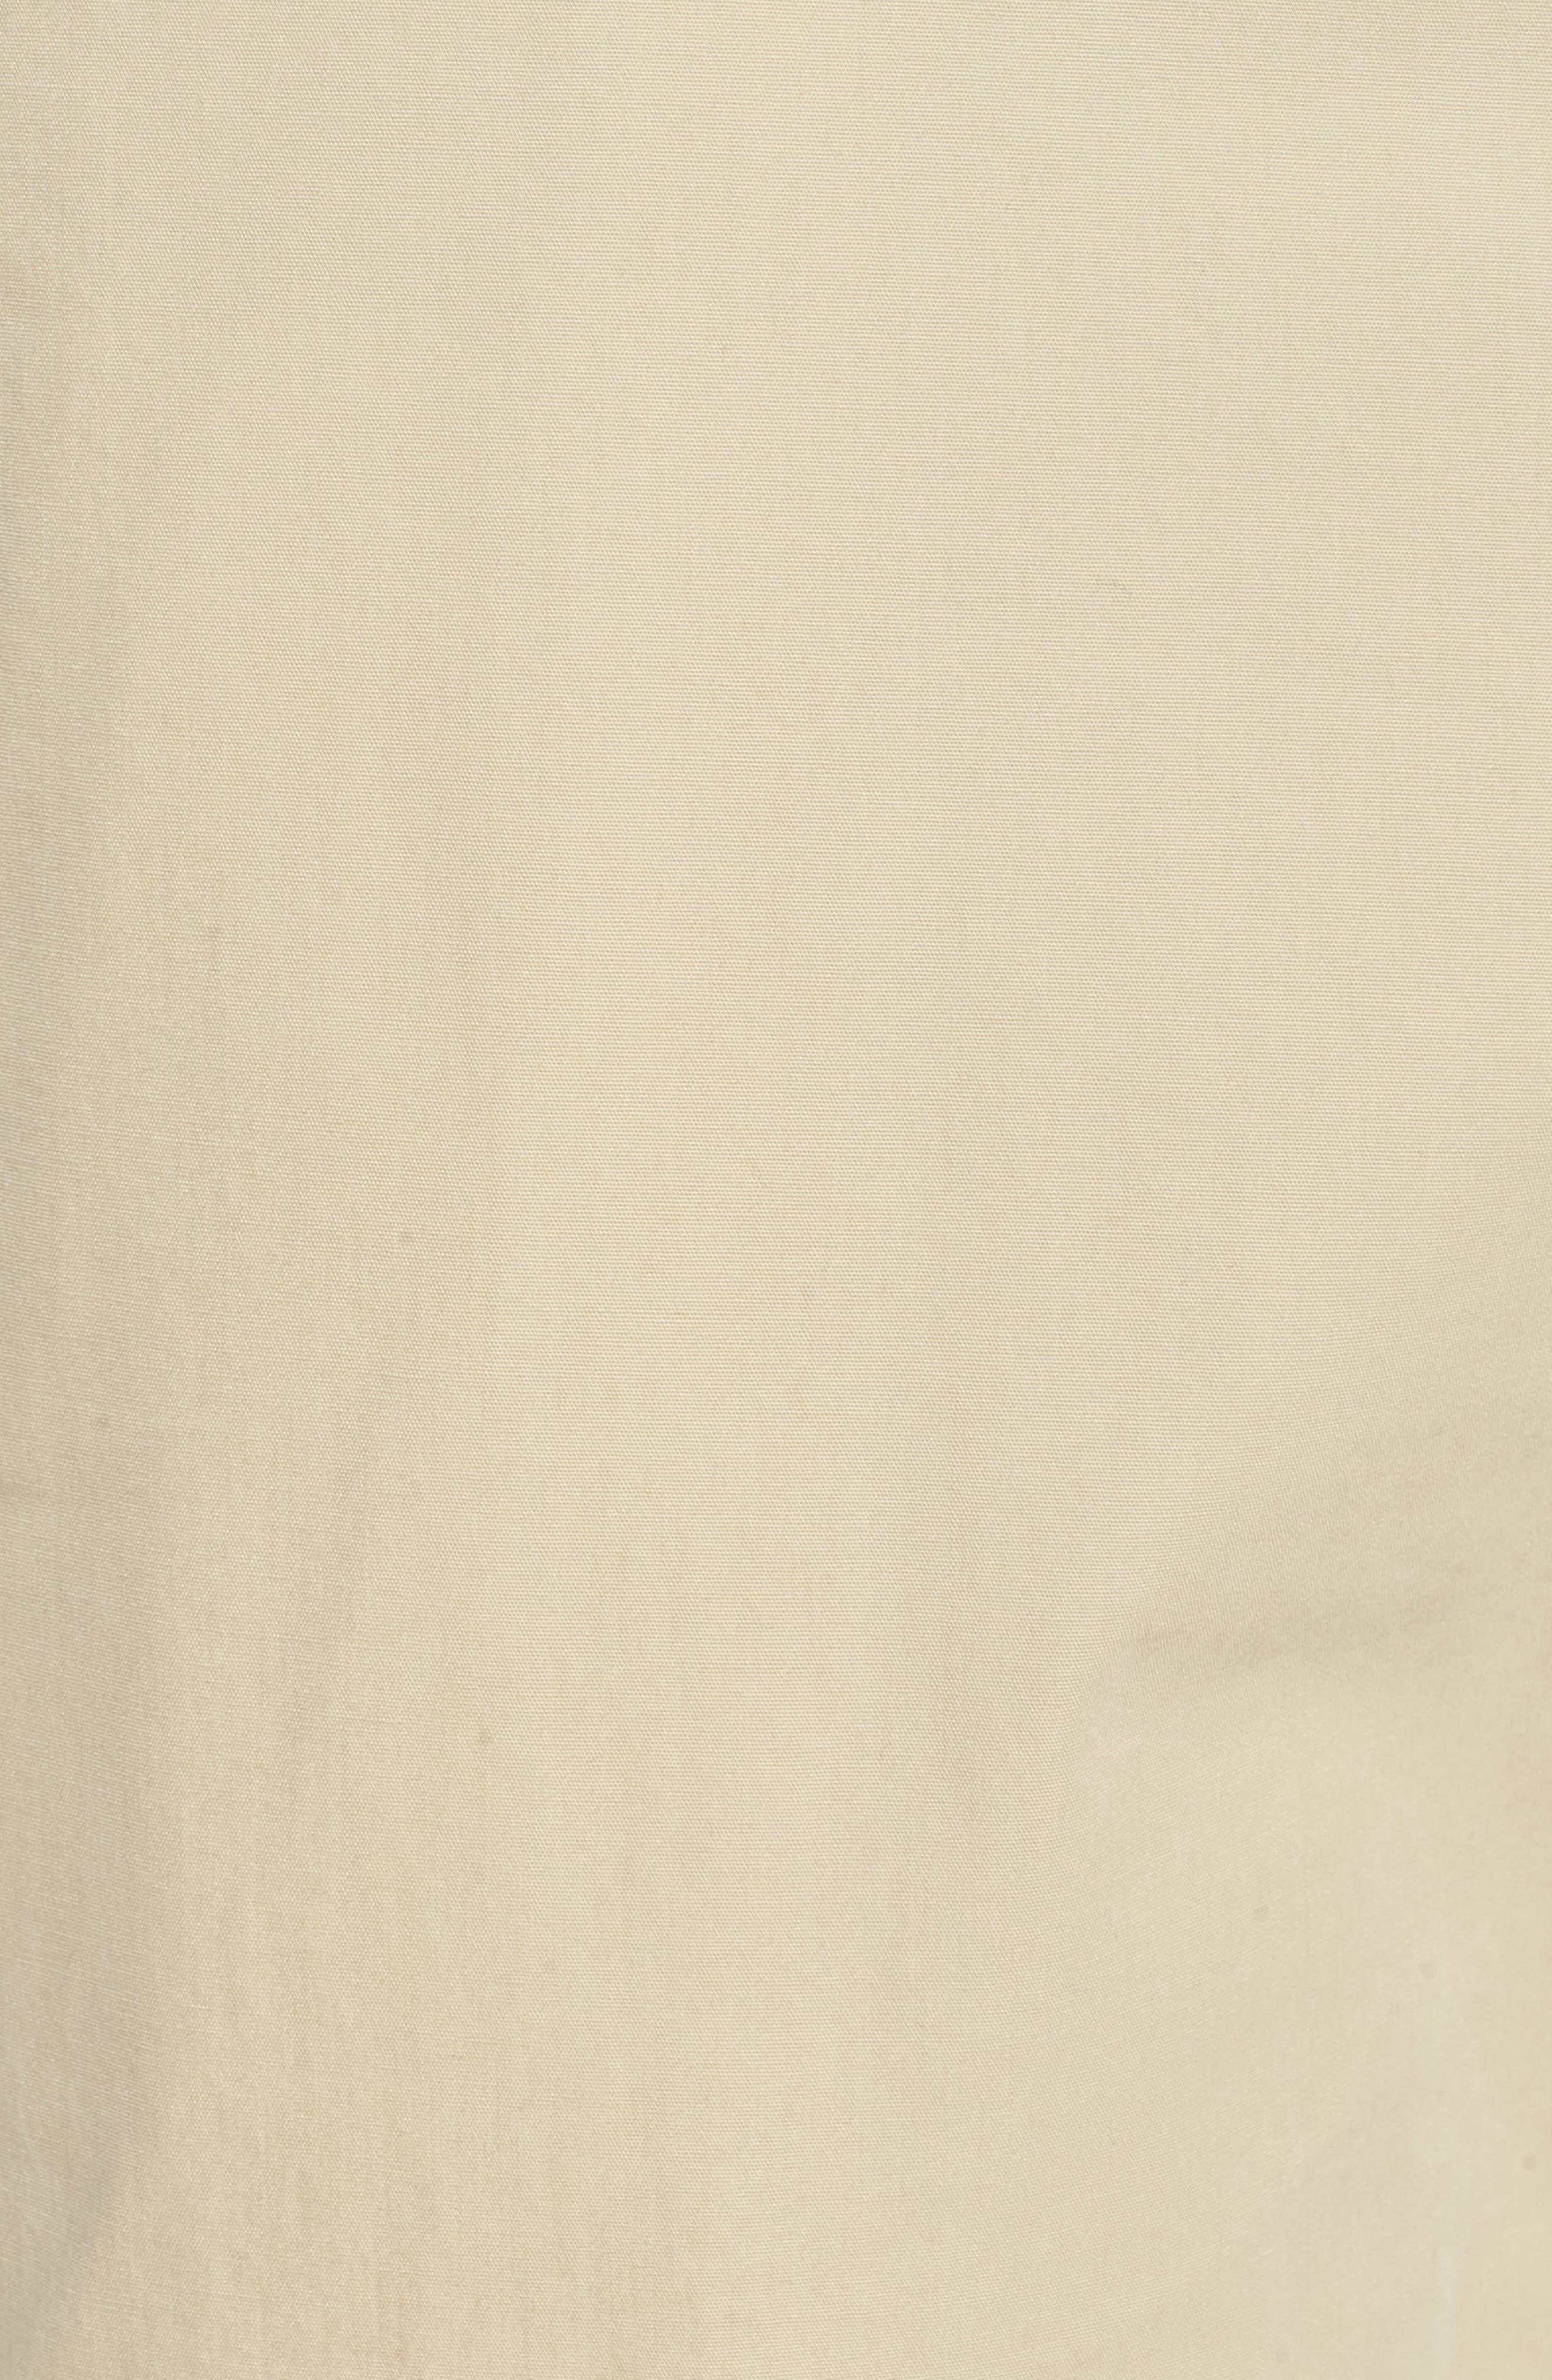 M2 Classic Fit Flat Front Tropical Cotton Poplin Pants,                             Alternate thumbnail 5, color,                             250